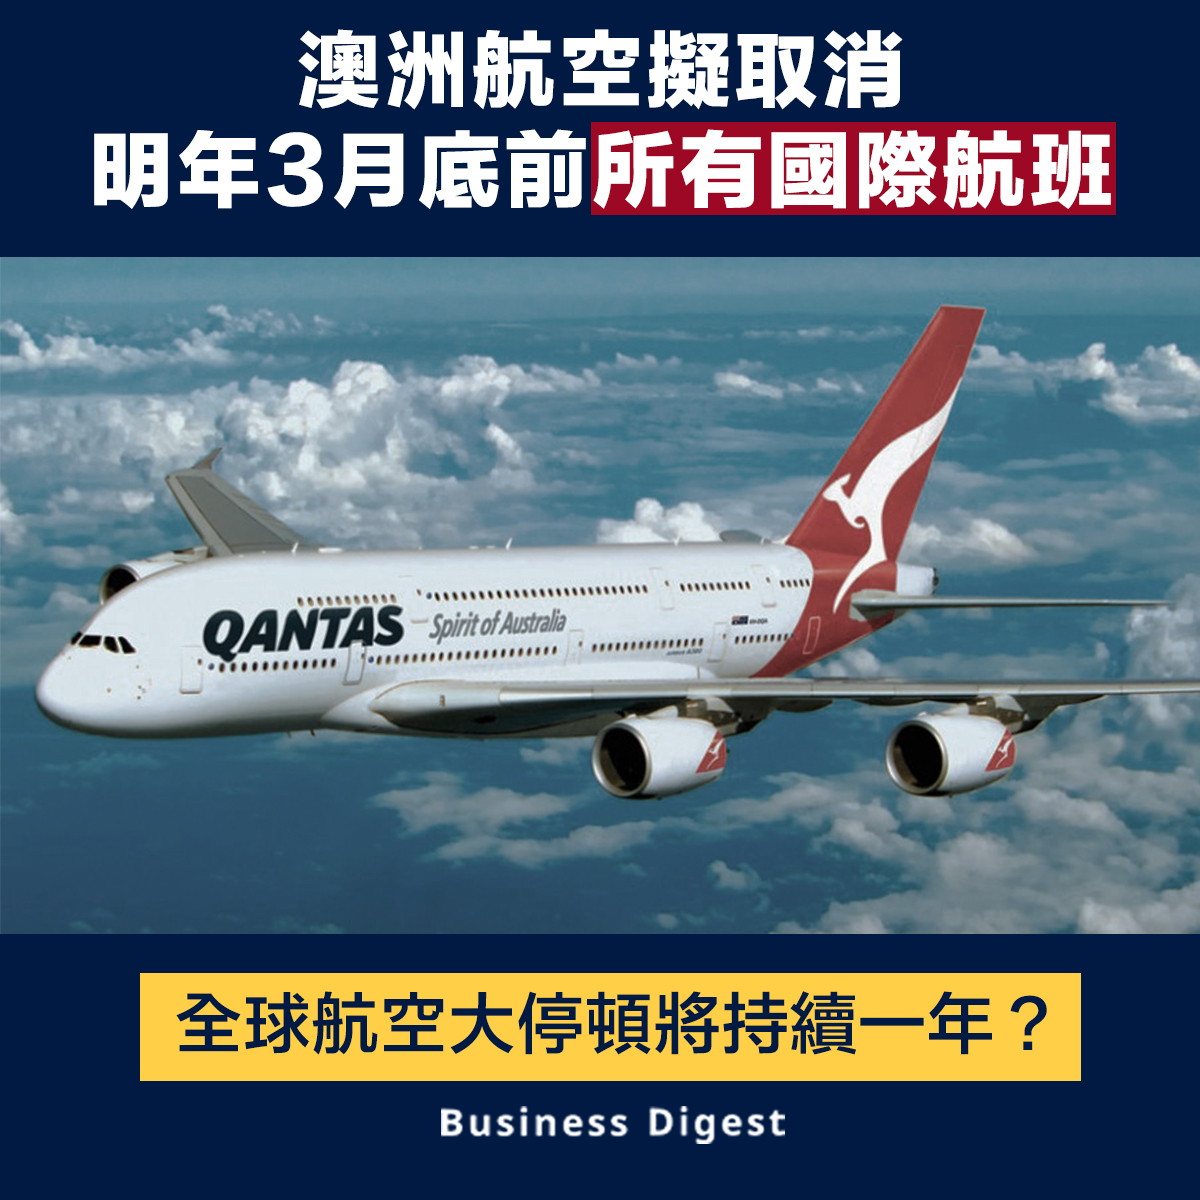 【商業熱話】澳洲航空擬取消明年3月底前所有國際航班